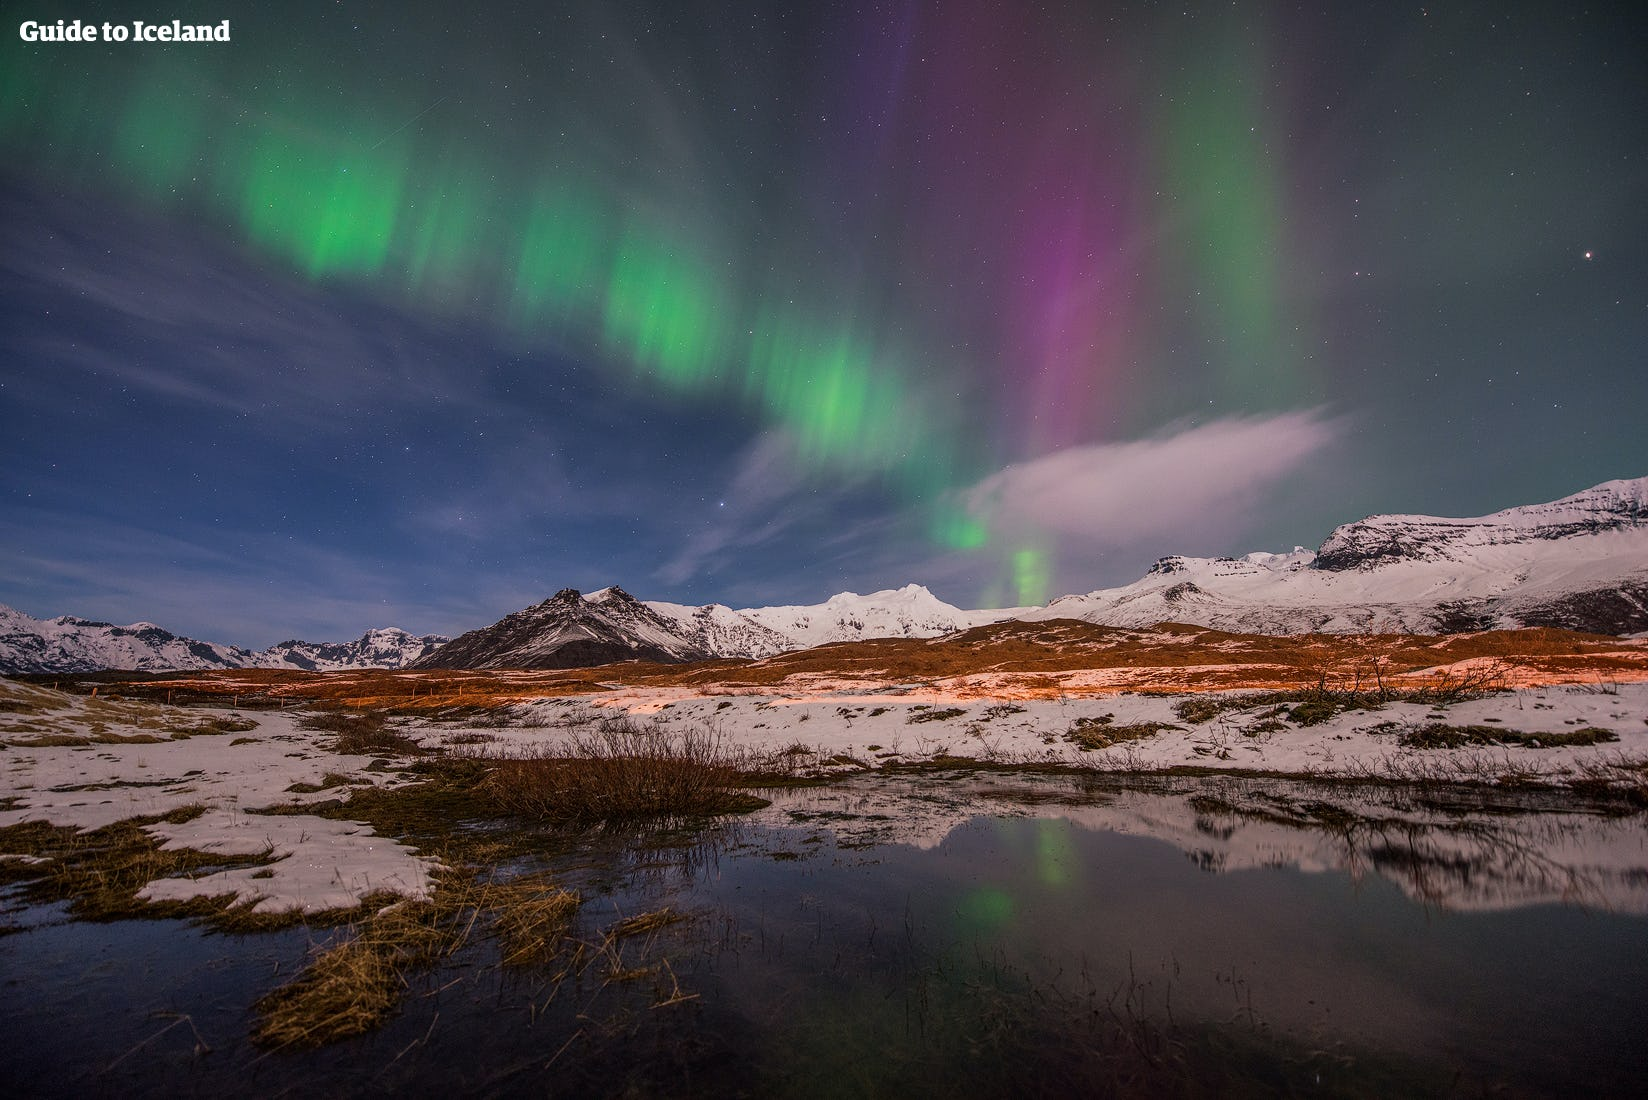 ท่องเที่ยวไปในประเทศไอซ์แลนด์ในฤดูหนาวและร่วมชื่นชมแสงเหนือที่กำลังเต้นรำอยู่บนท้องฟ้า.